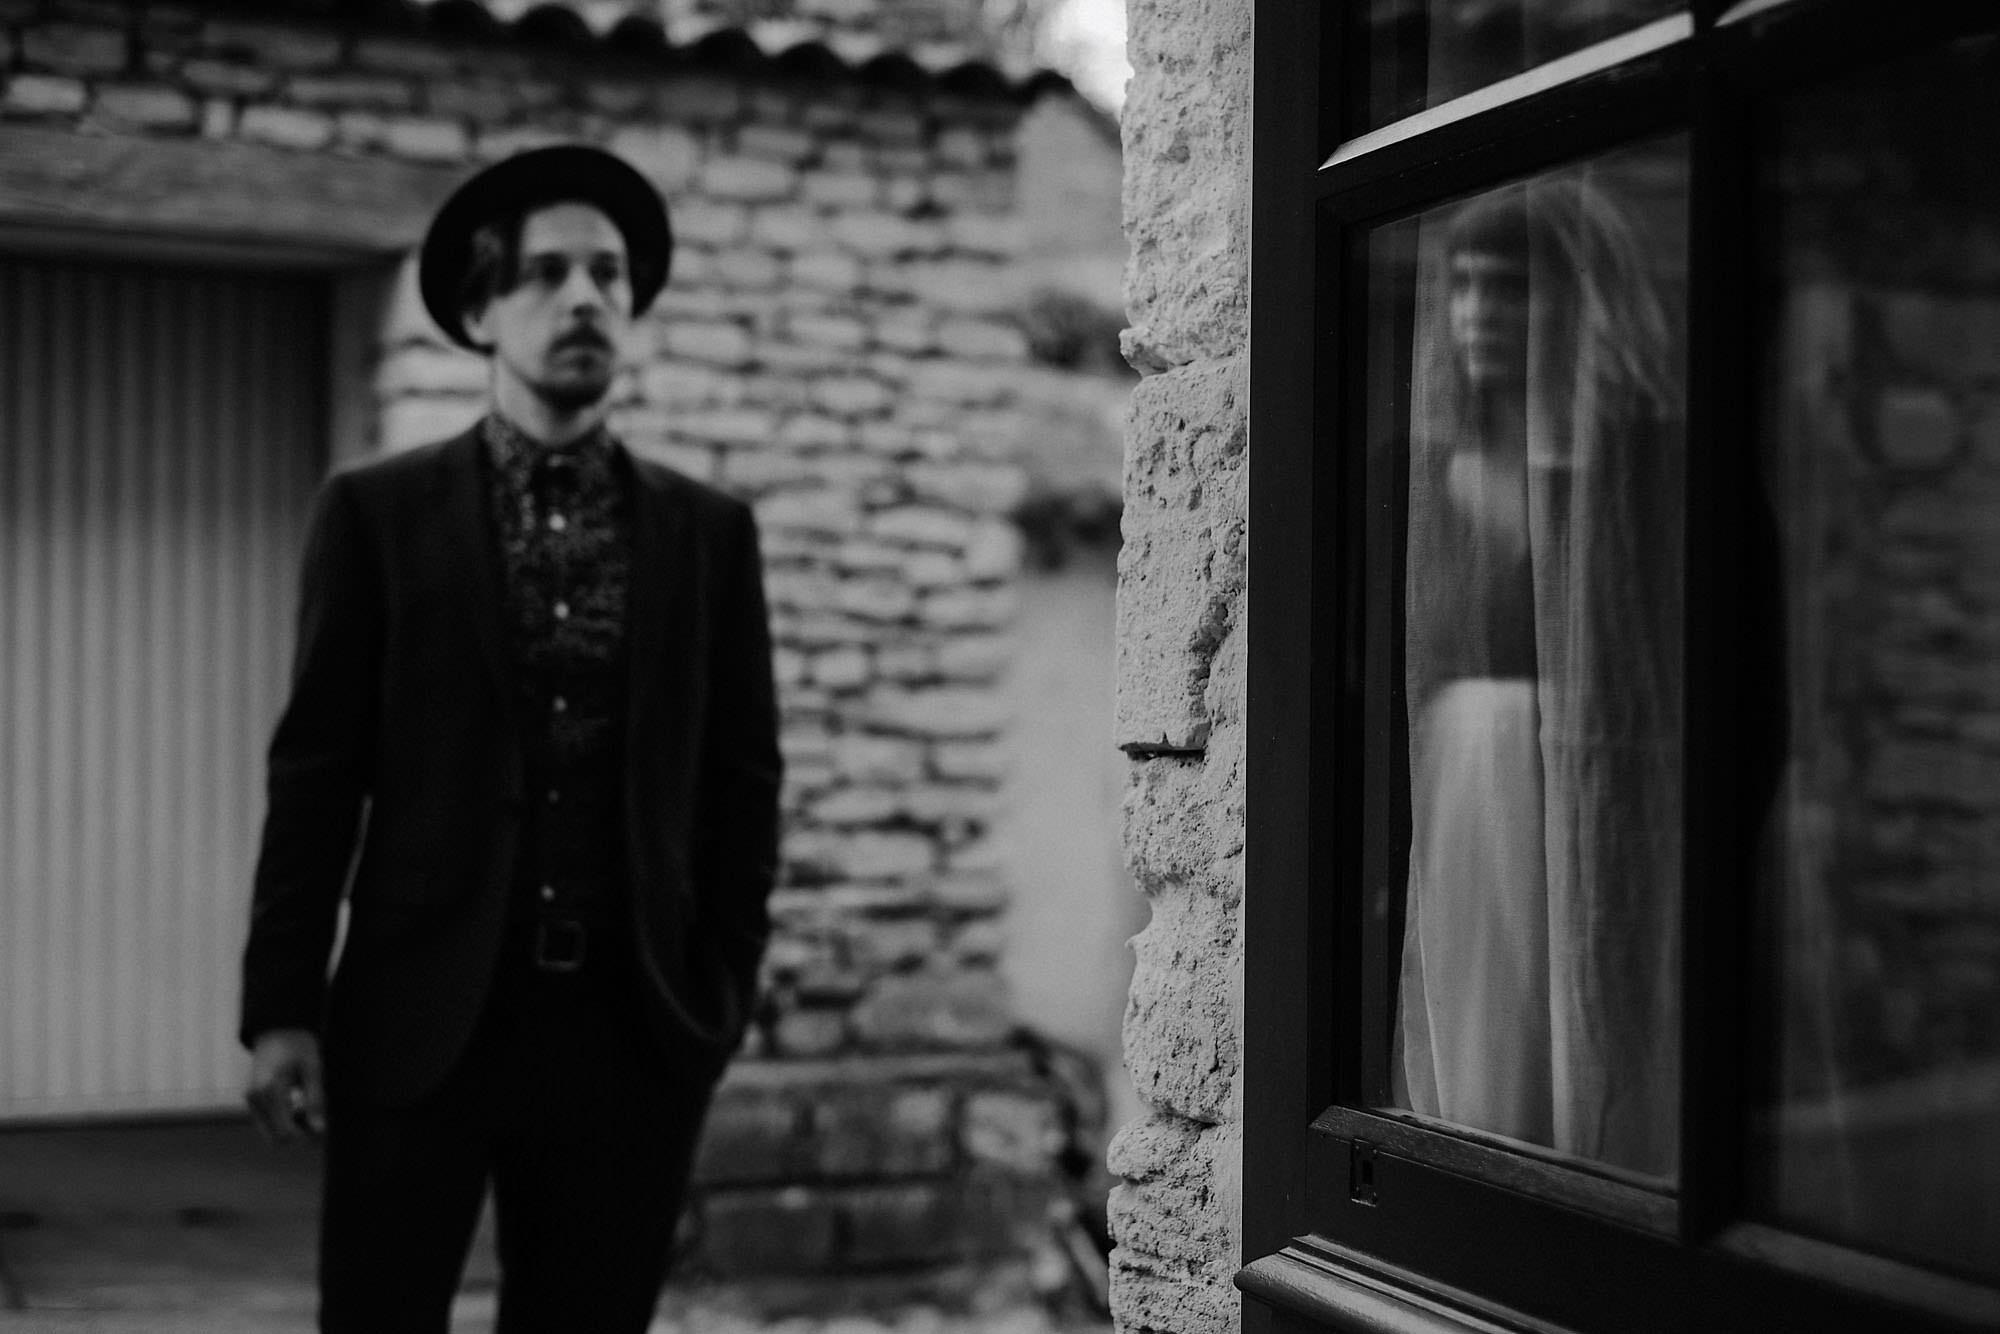 goult provence france elopement vow renewal couple reflection portrait photo